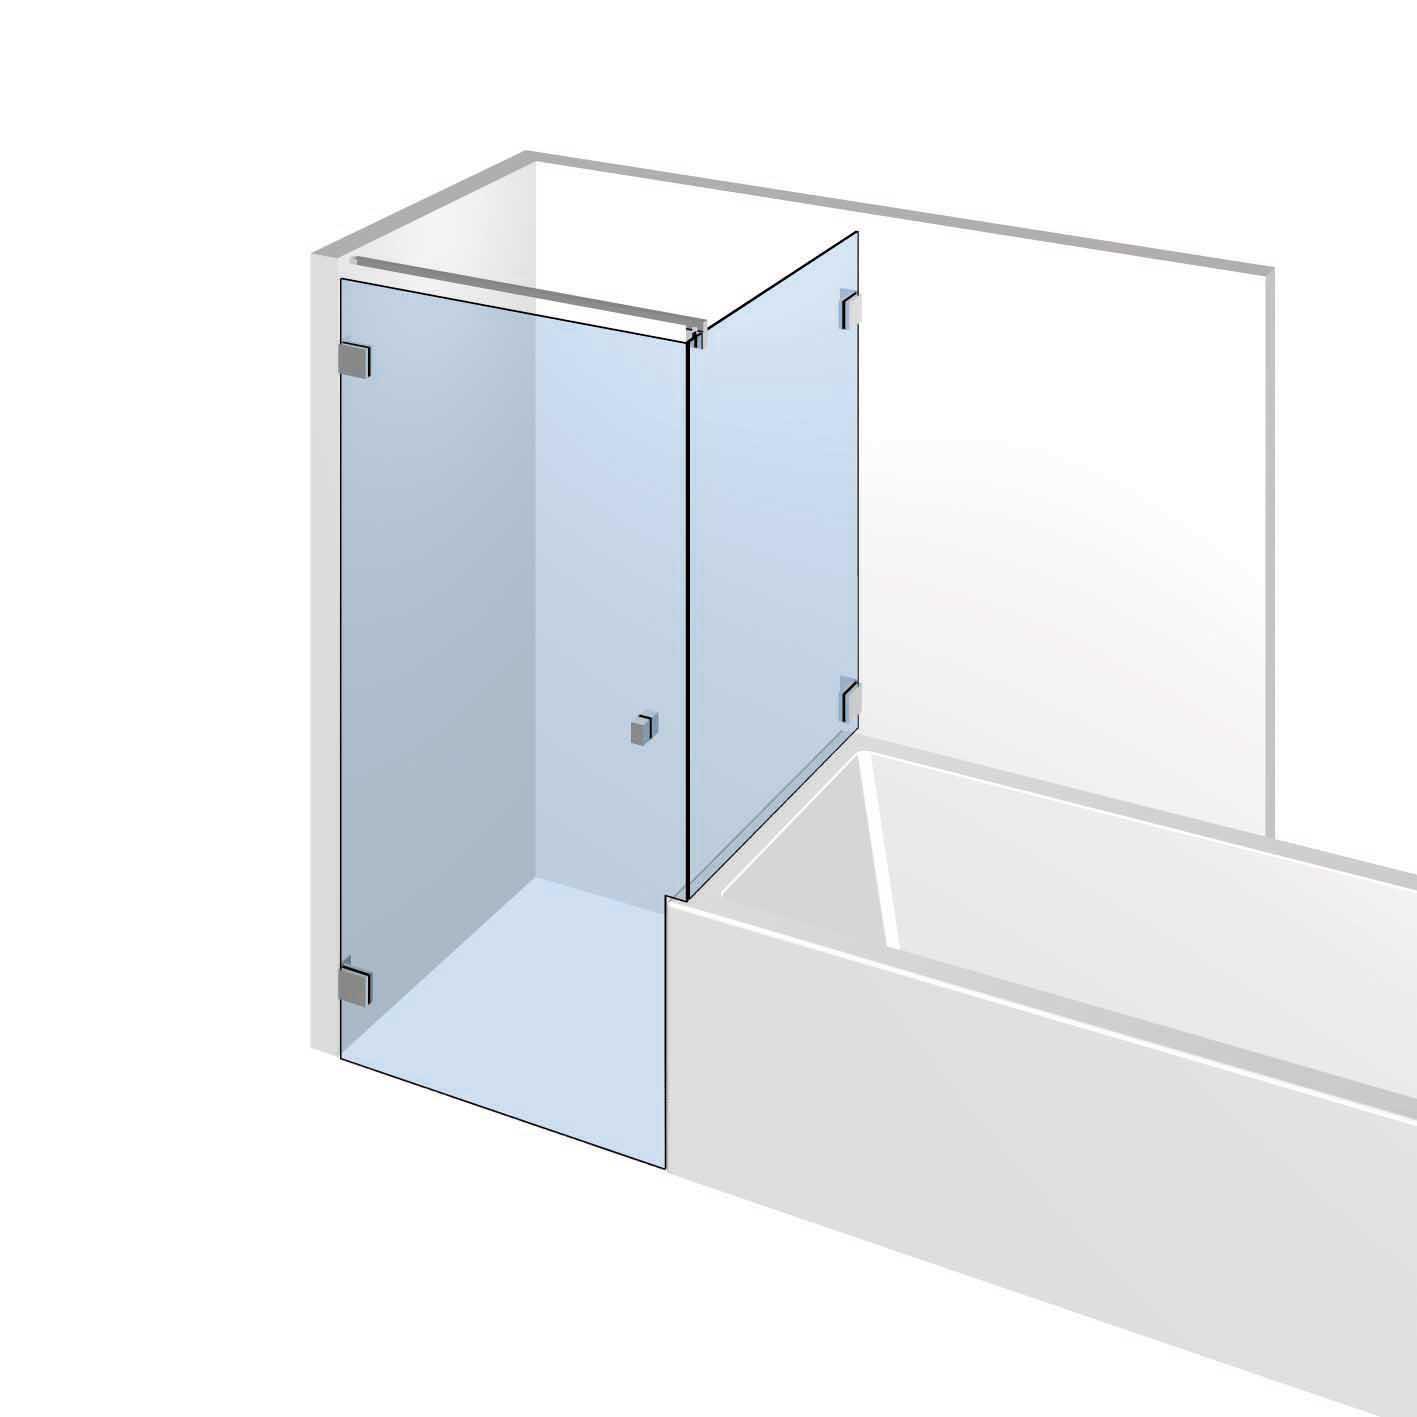 Badewanne-trennwand von Glastechnik-Berlin. Badewanne-trennwand ...